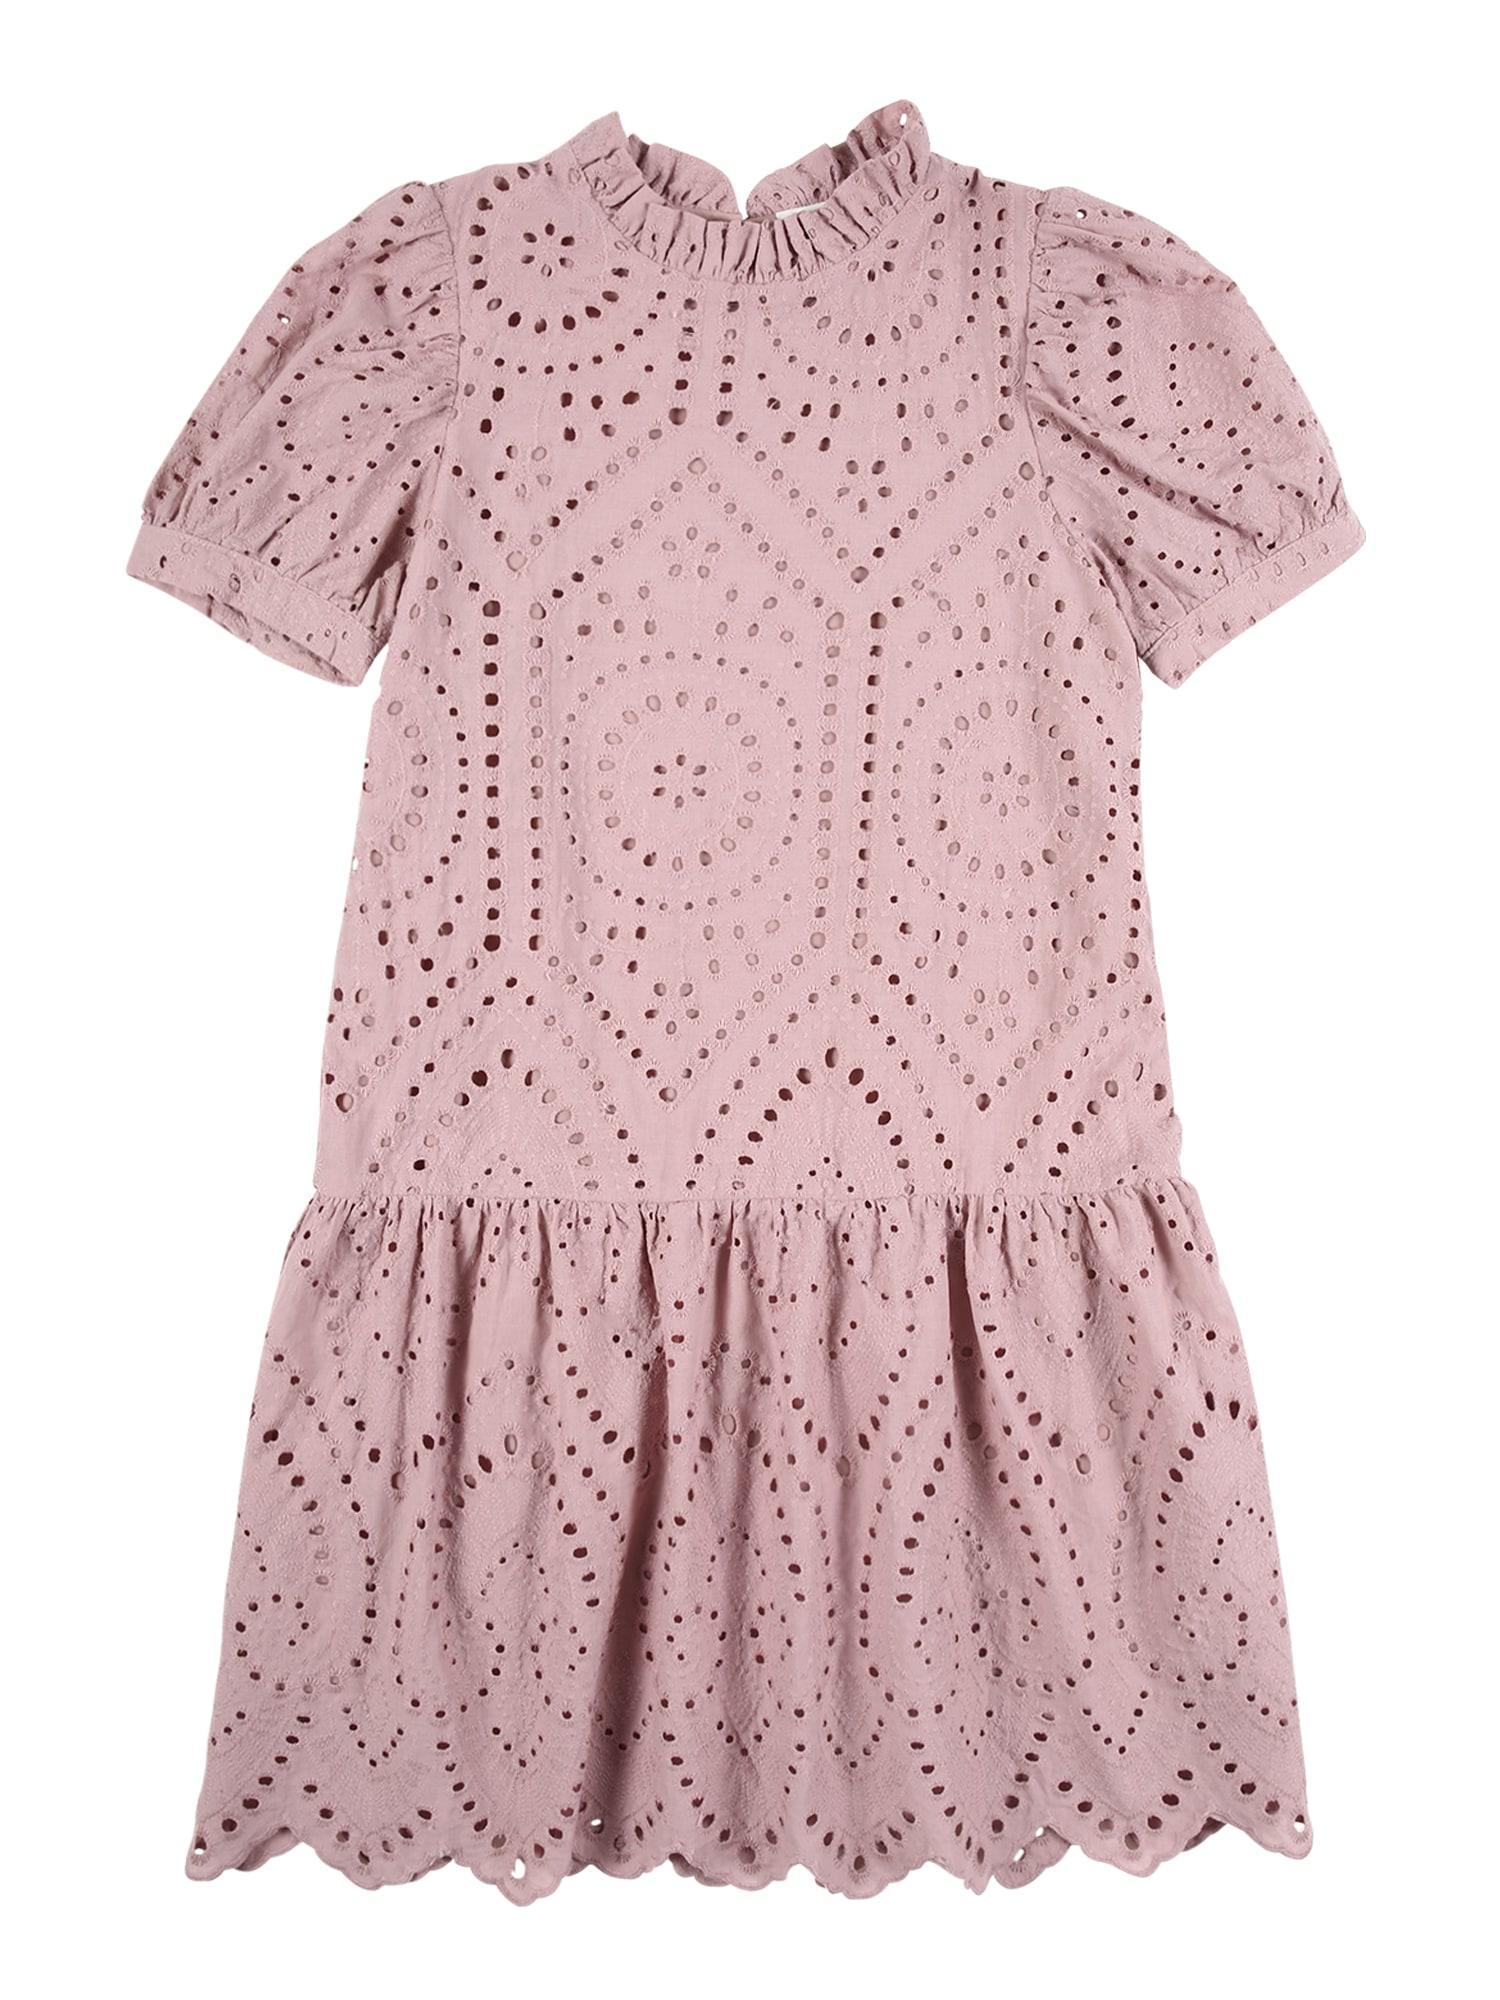 NAME IT Suknelė 'Denisa' ryškiai rožinė spalva